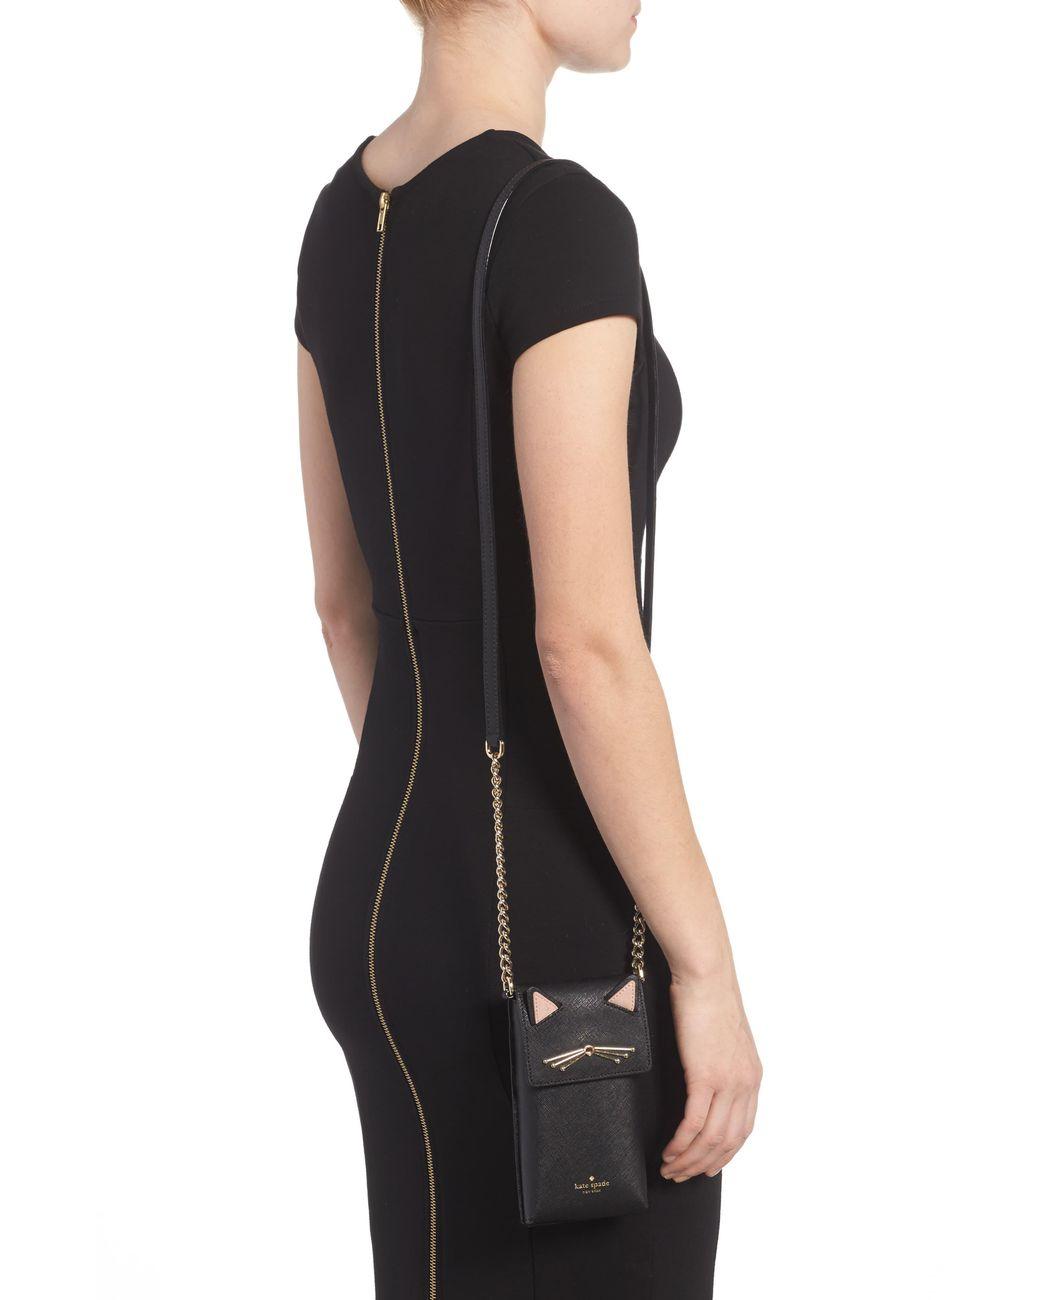 7b2e56e30f2a Kate Spade Cat Smartphone Crossbody Bag in Black - Save 30% - Lyst